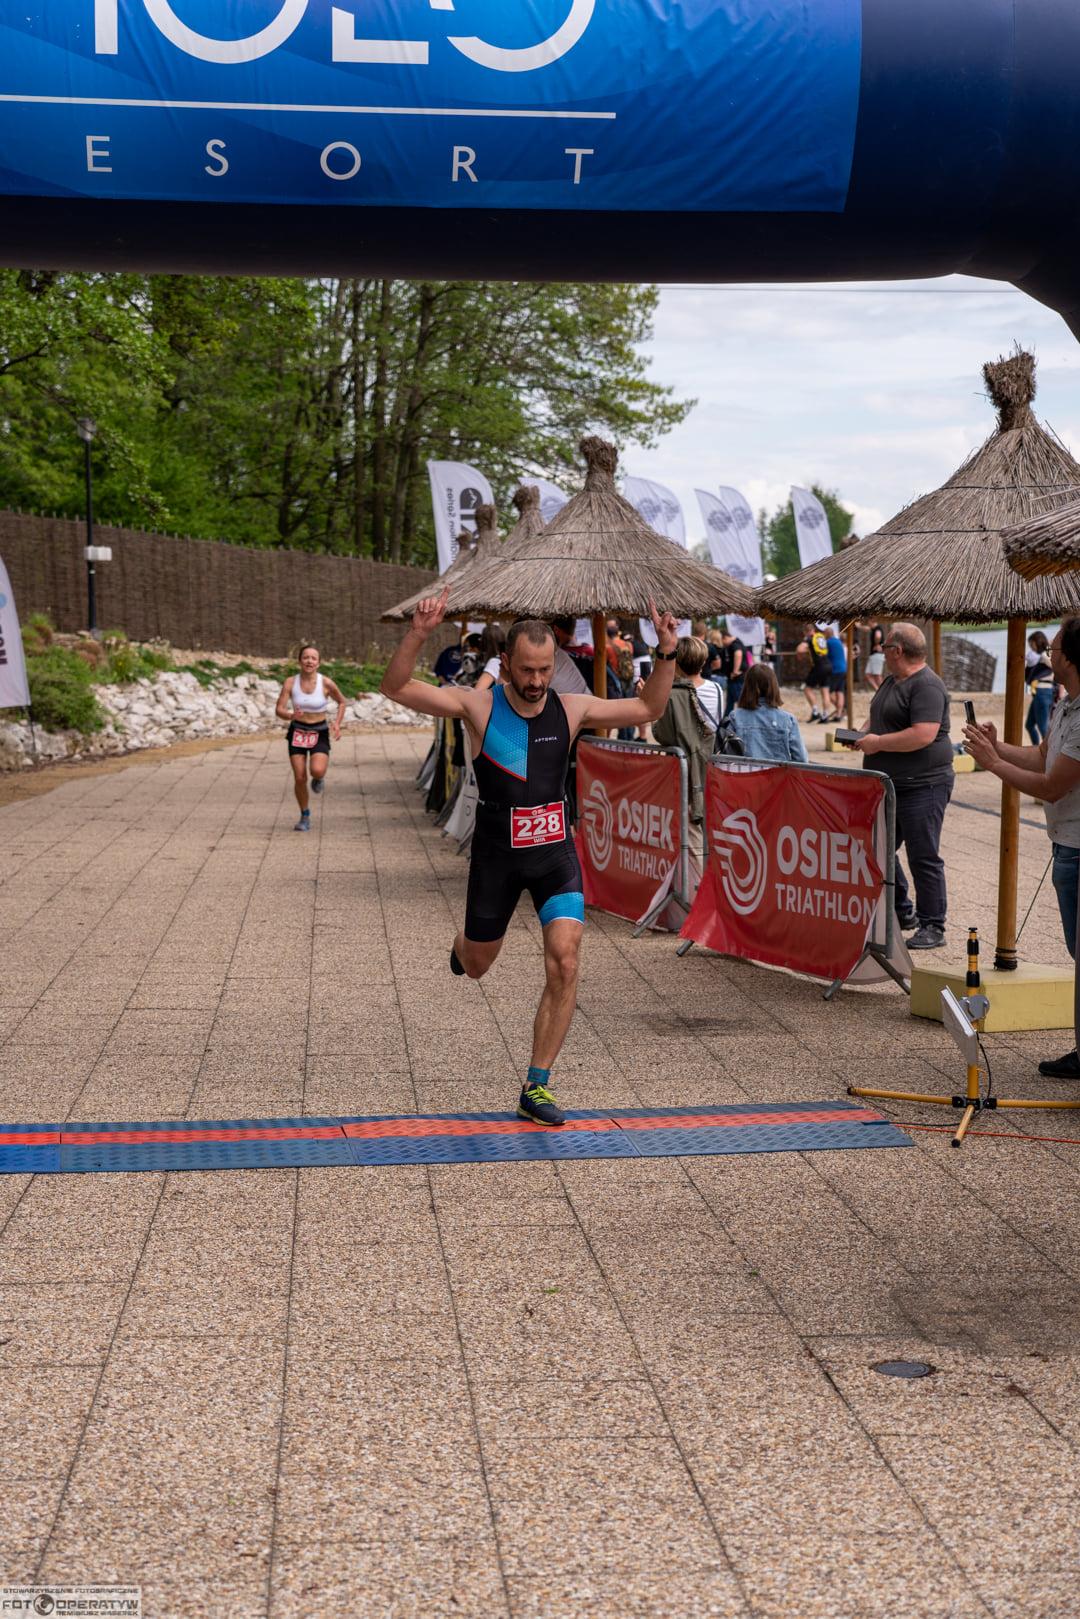 ortopedia ortopeda bielsko triathlon